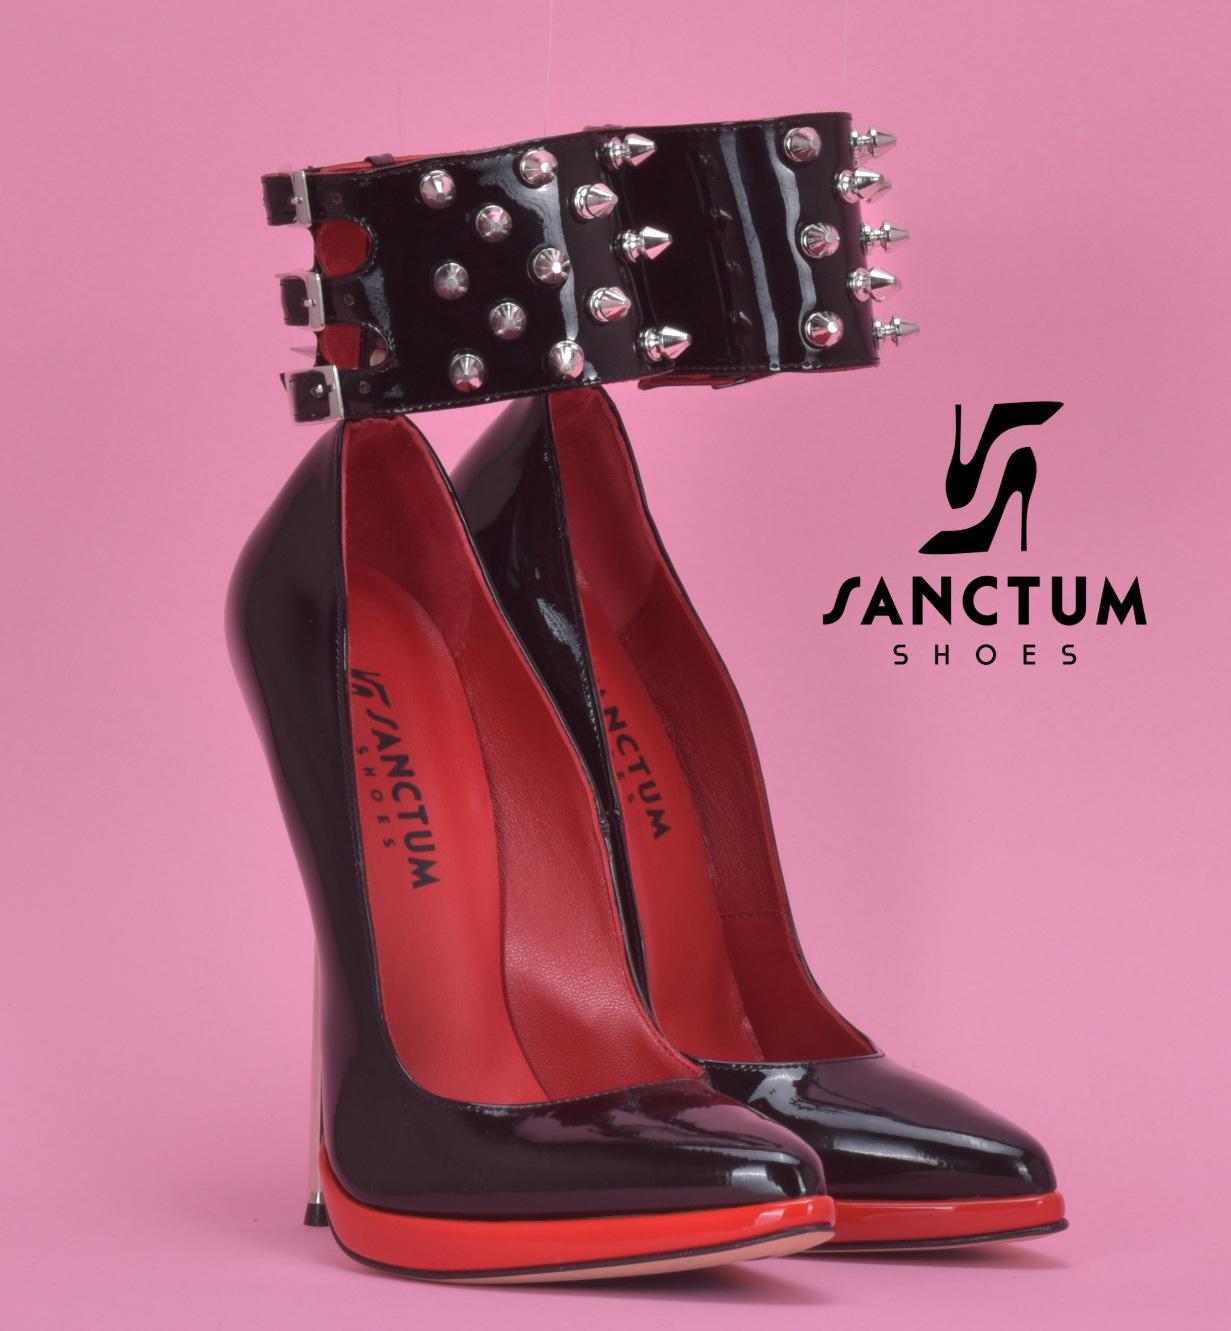 New Italian High Heels